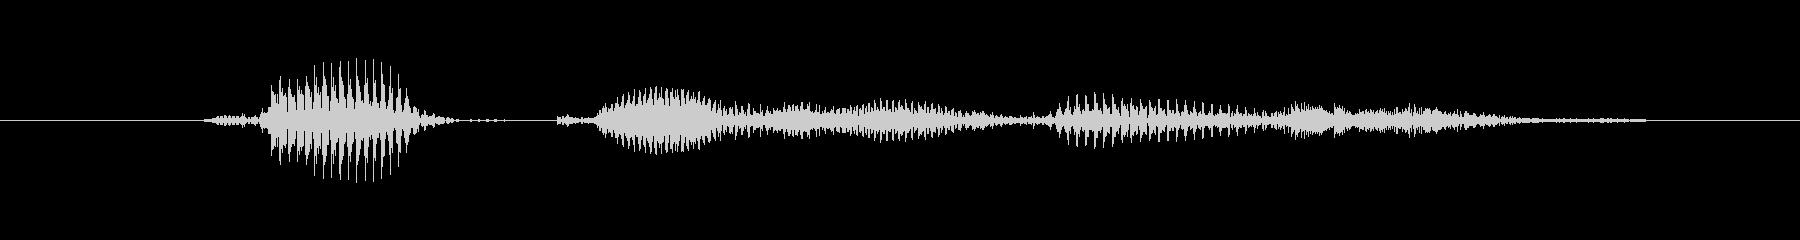 【時報・時間】6時ですの未再生の波形